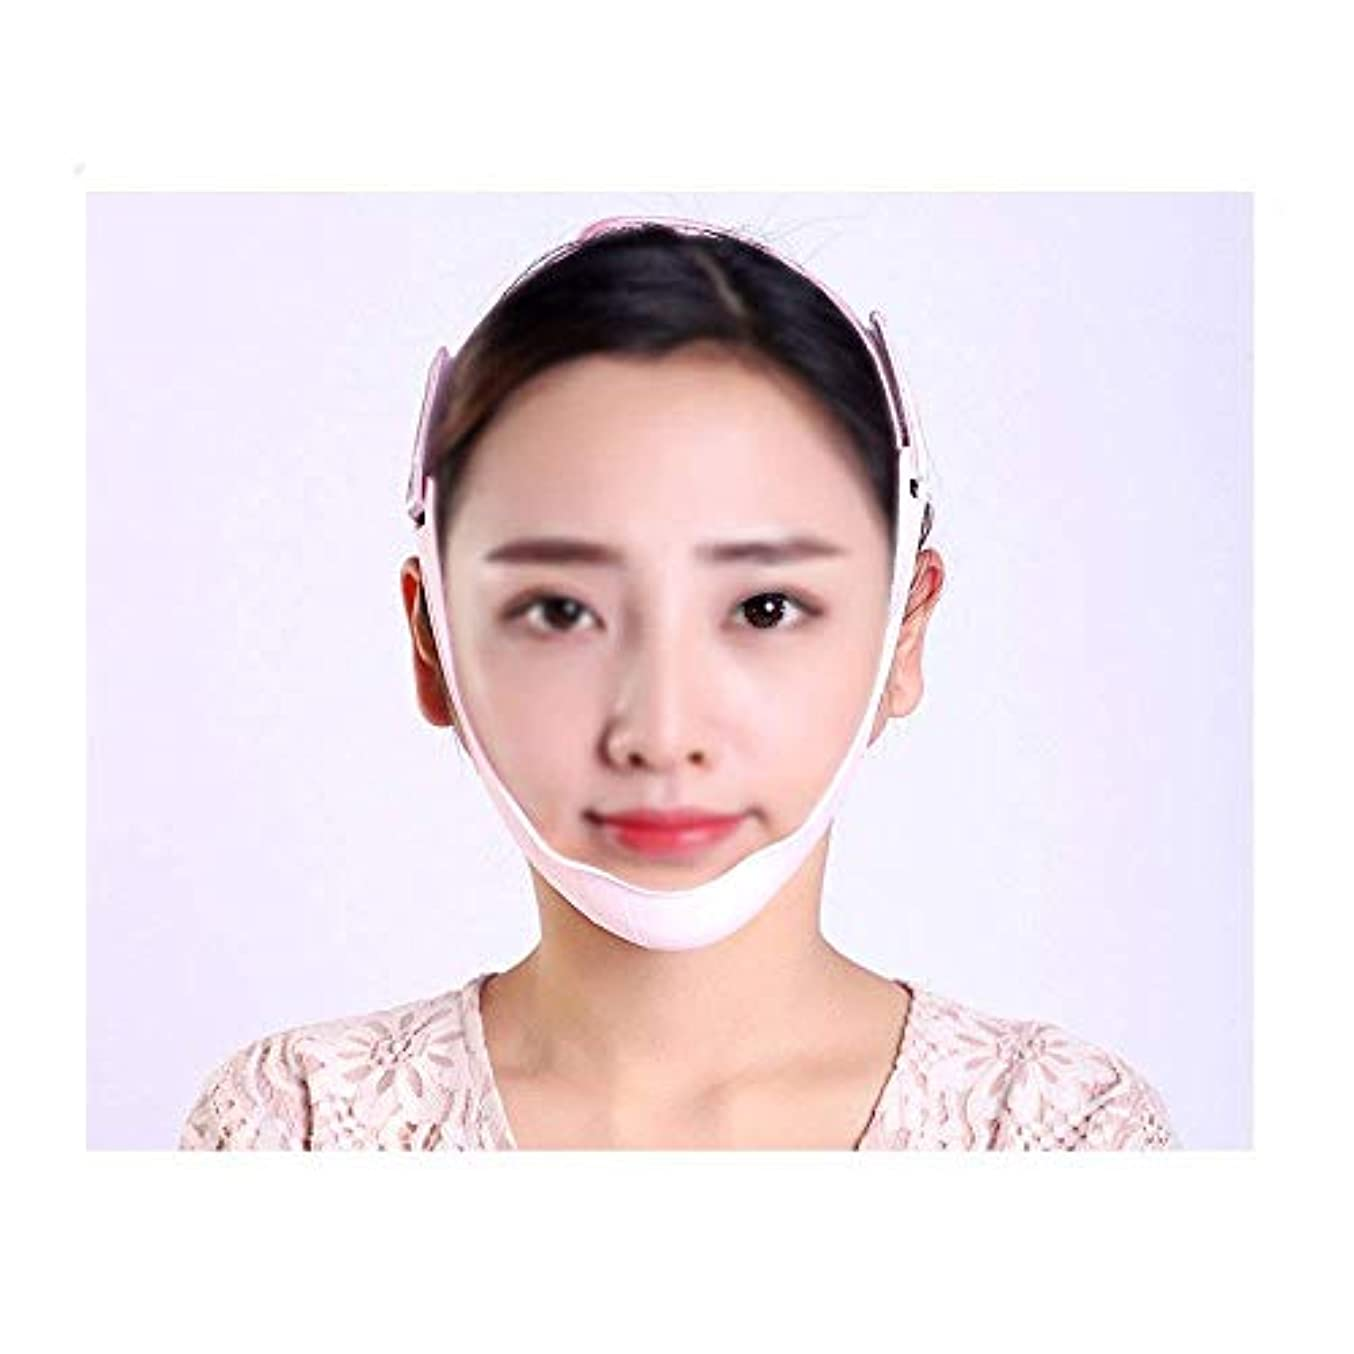 縮約カセット気難しいフェイシャルリフティングマスク、リフティングフェイシャルファーミングアーティファクト/マッサージ器薄い顔の包帯/通気性ダブルチンスリミングマスク